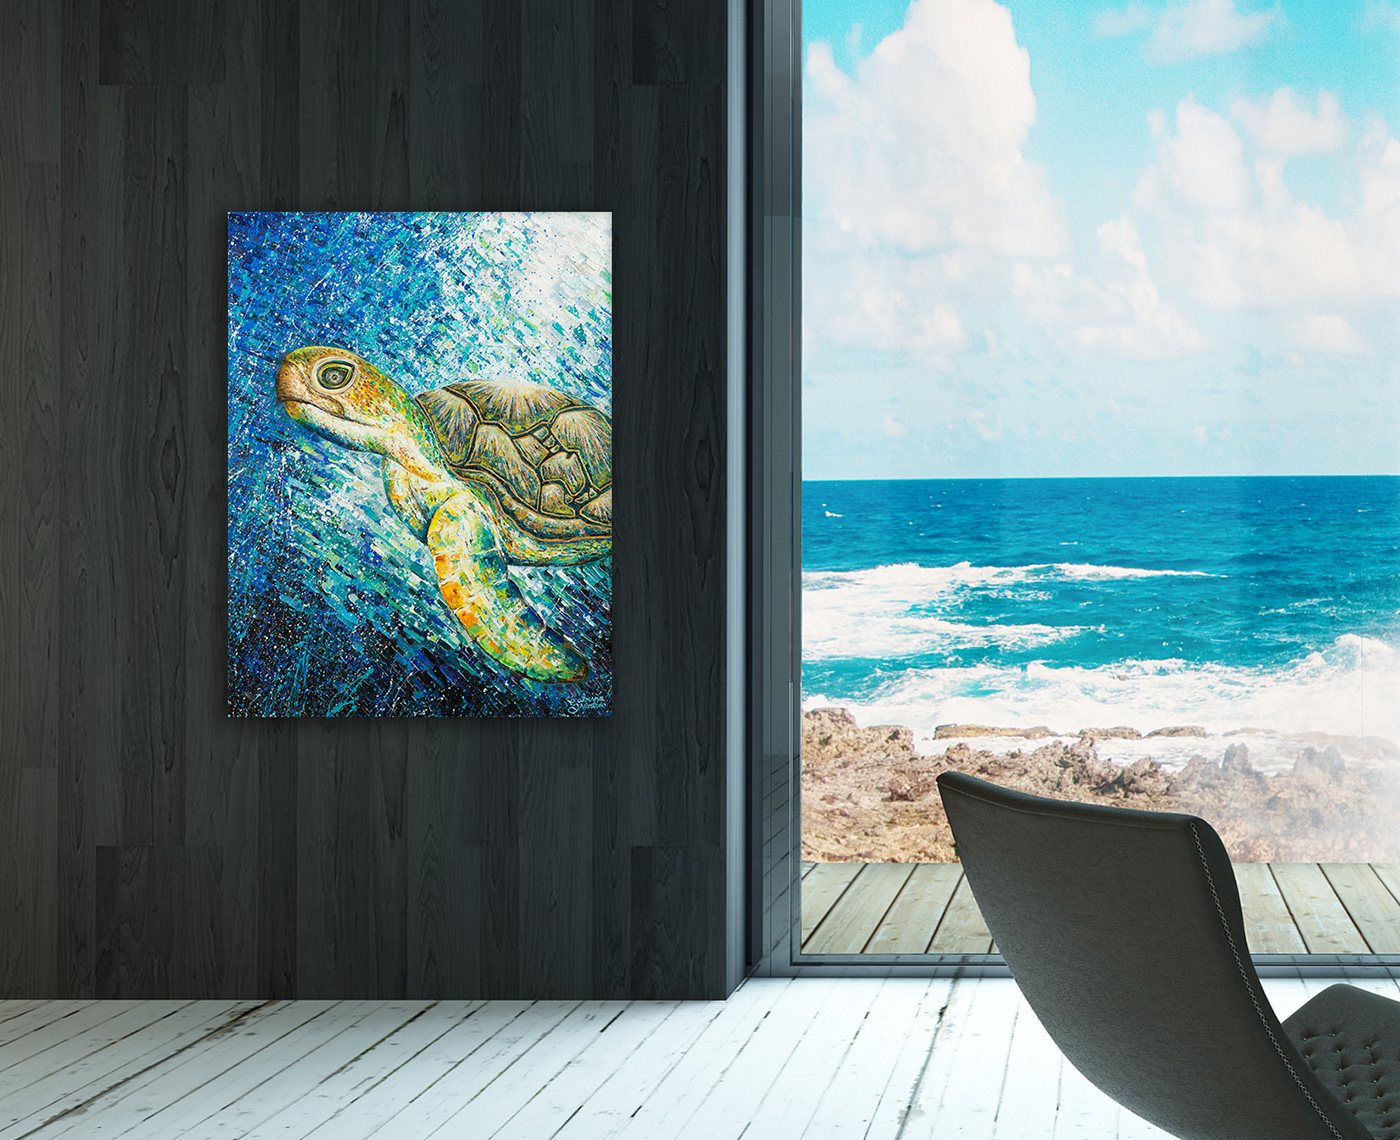 painting   FINEART fineartbrisbane fineartaustralia brisbaneartist brisbanepainter turtlepainting behanceartist